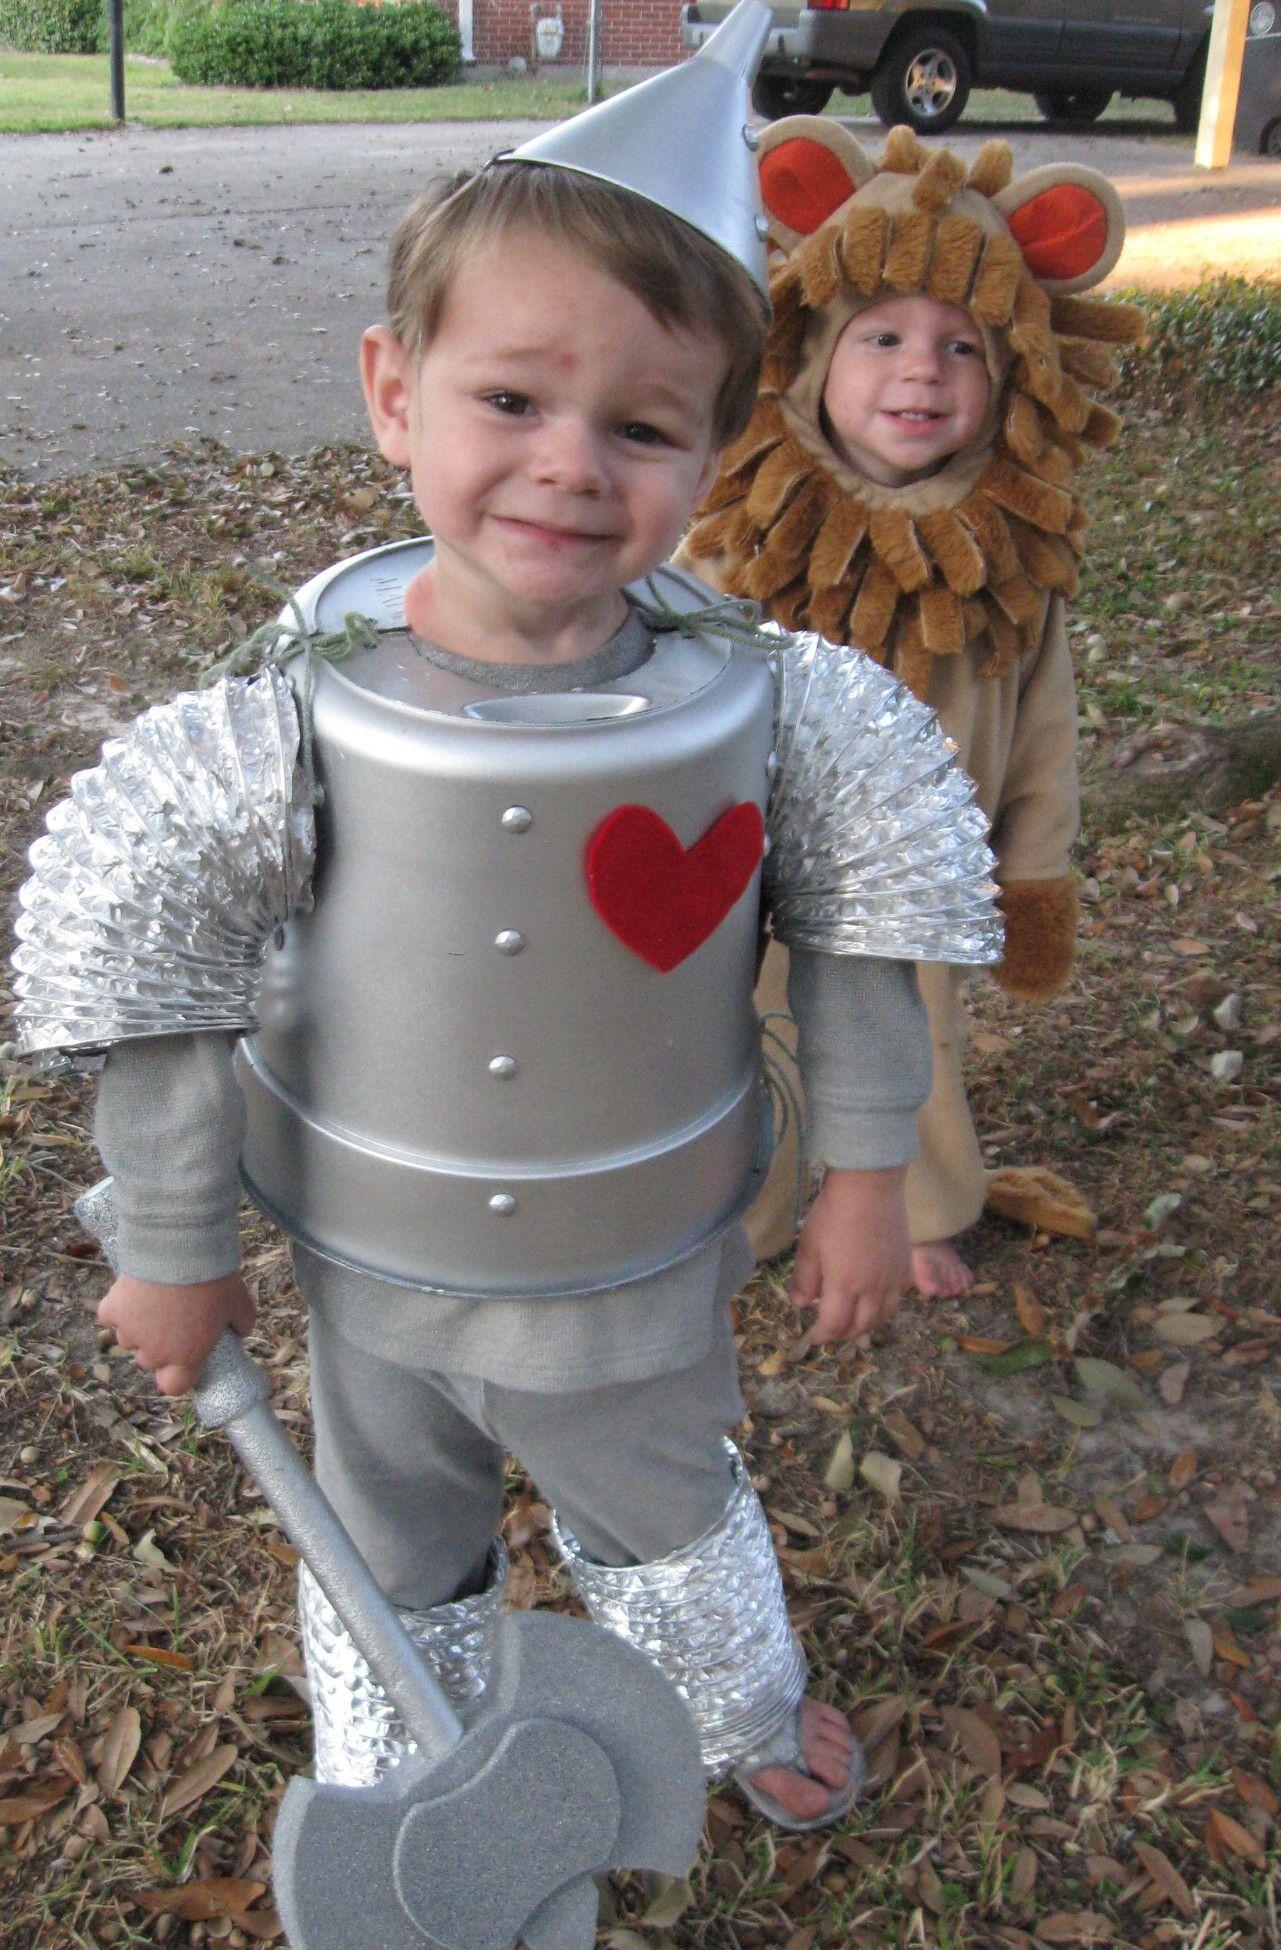 30 idées DIY de déguisements pour enfants | Buckets, Tin man and Face